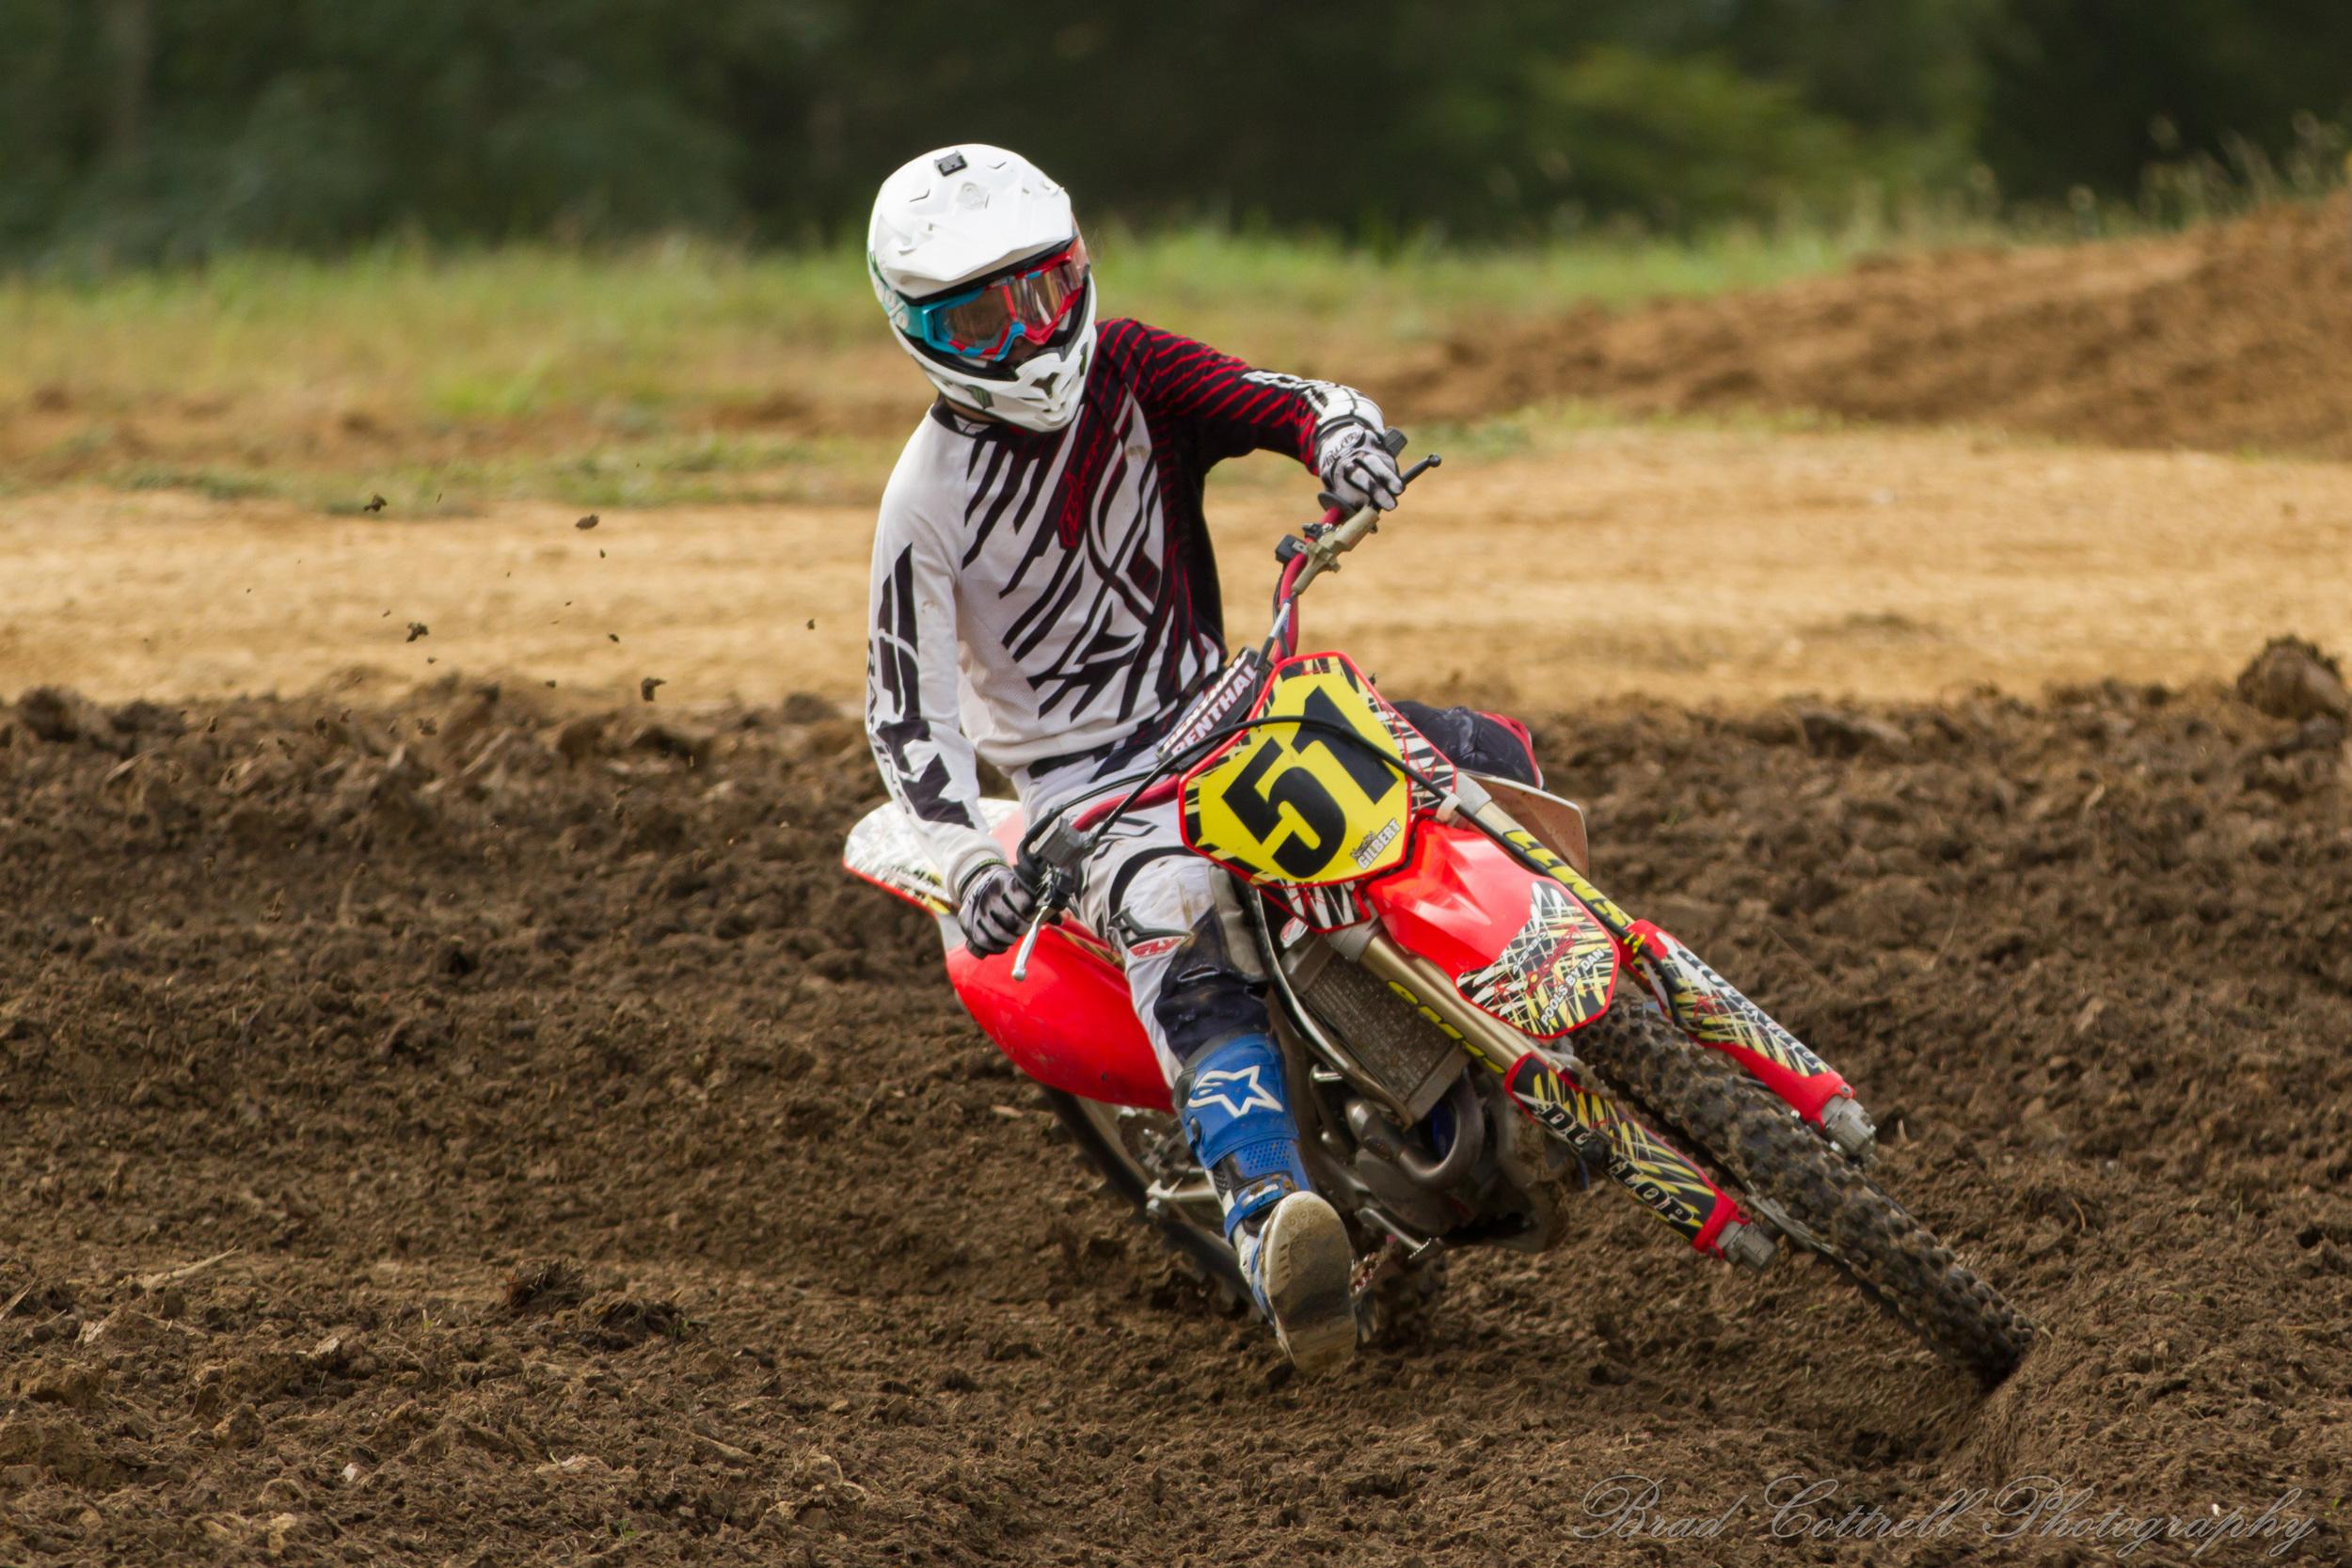 Motocross_Racing_Brad Cottrell_MG_0003_2.jpg